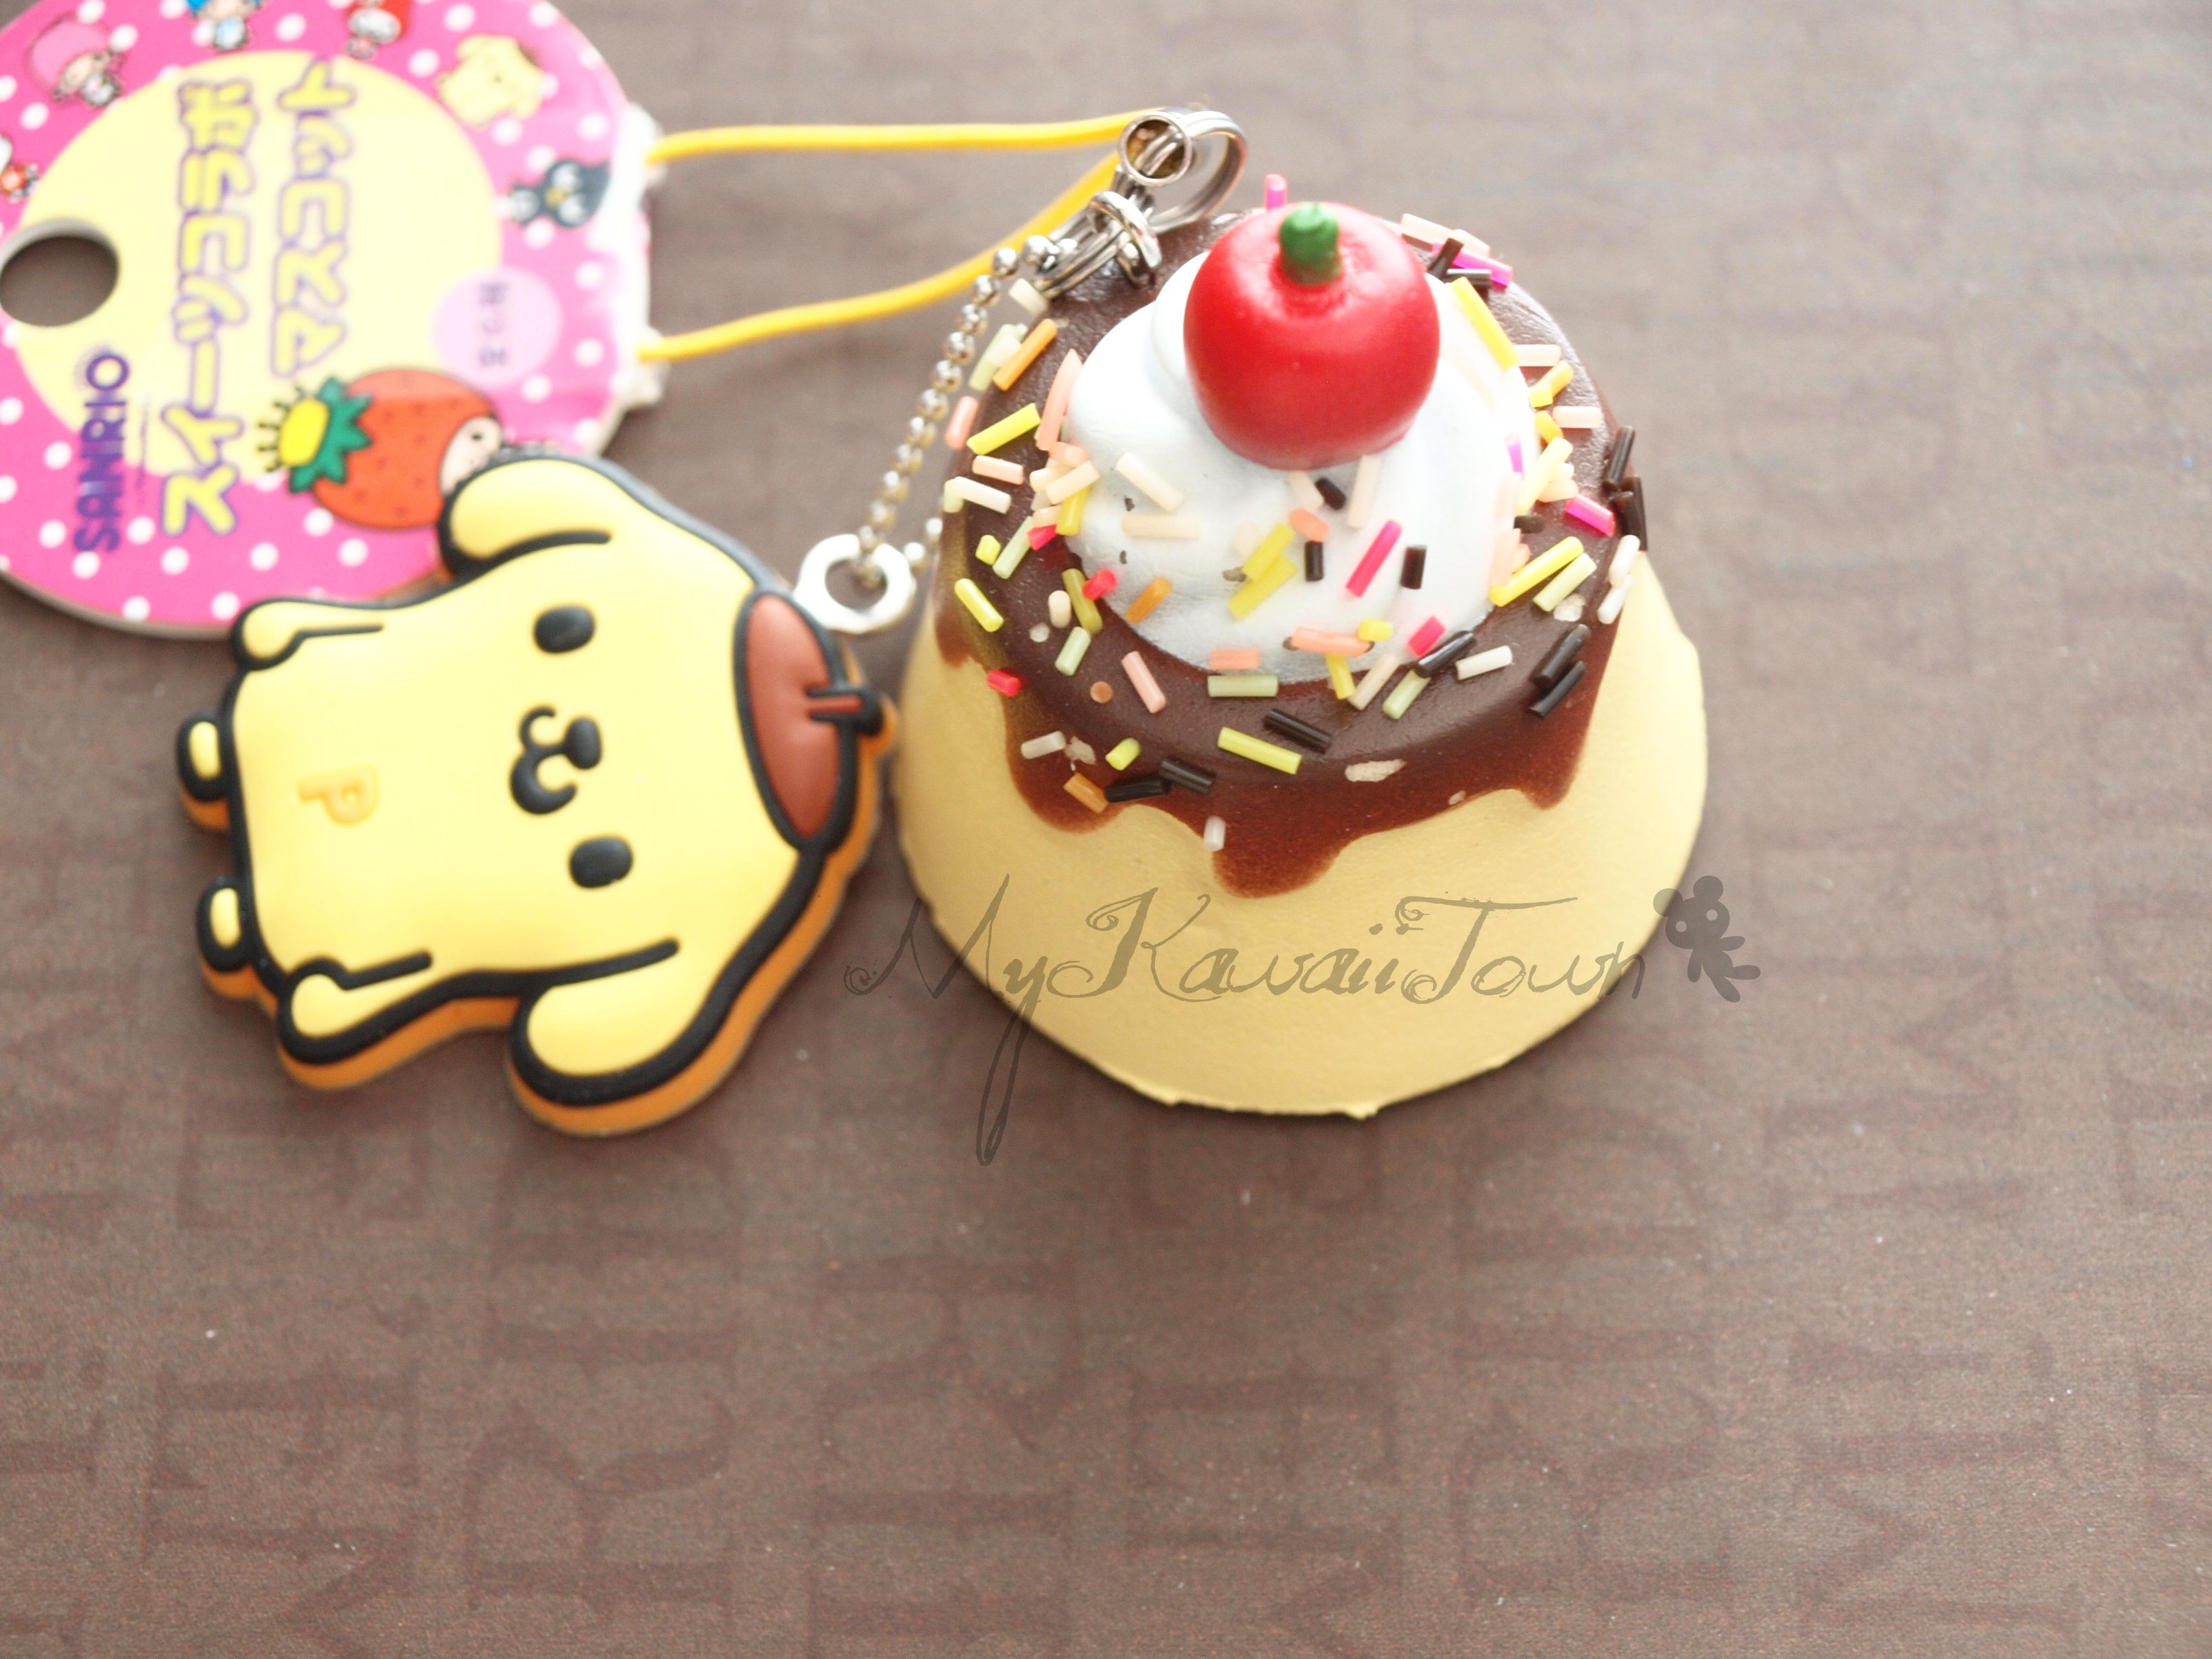 Rare Squishy Manufacturer : Mykawaiitown RARE Squishy Sanrio Pudding Online Store Powered by Storenvy